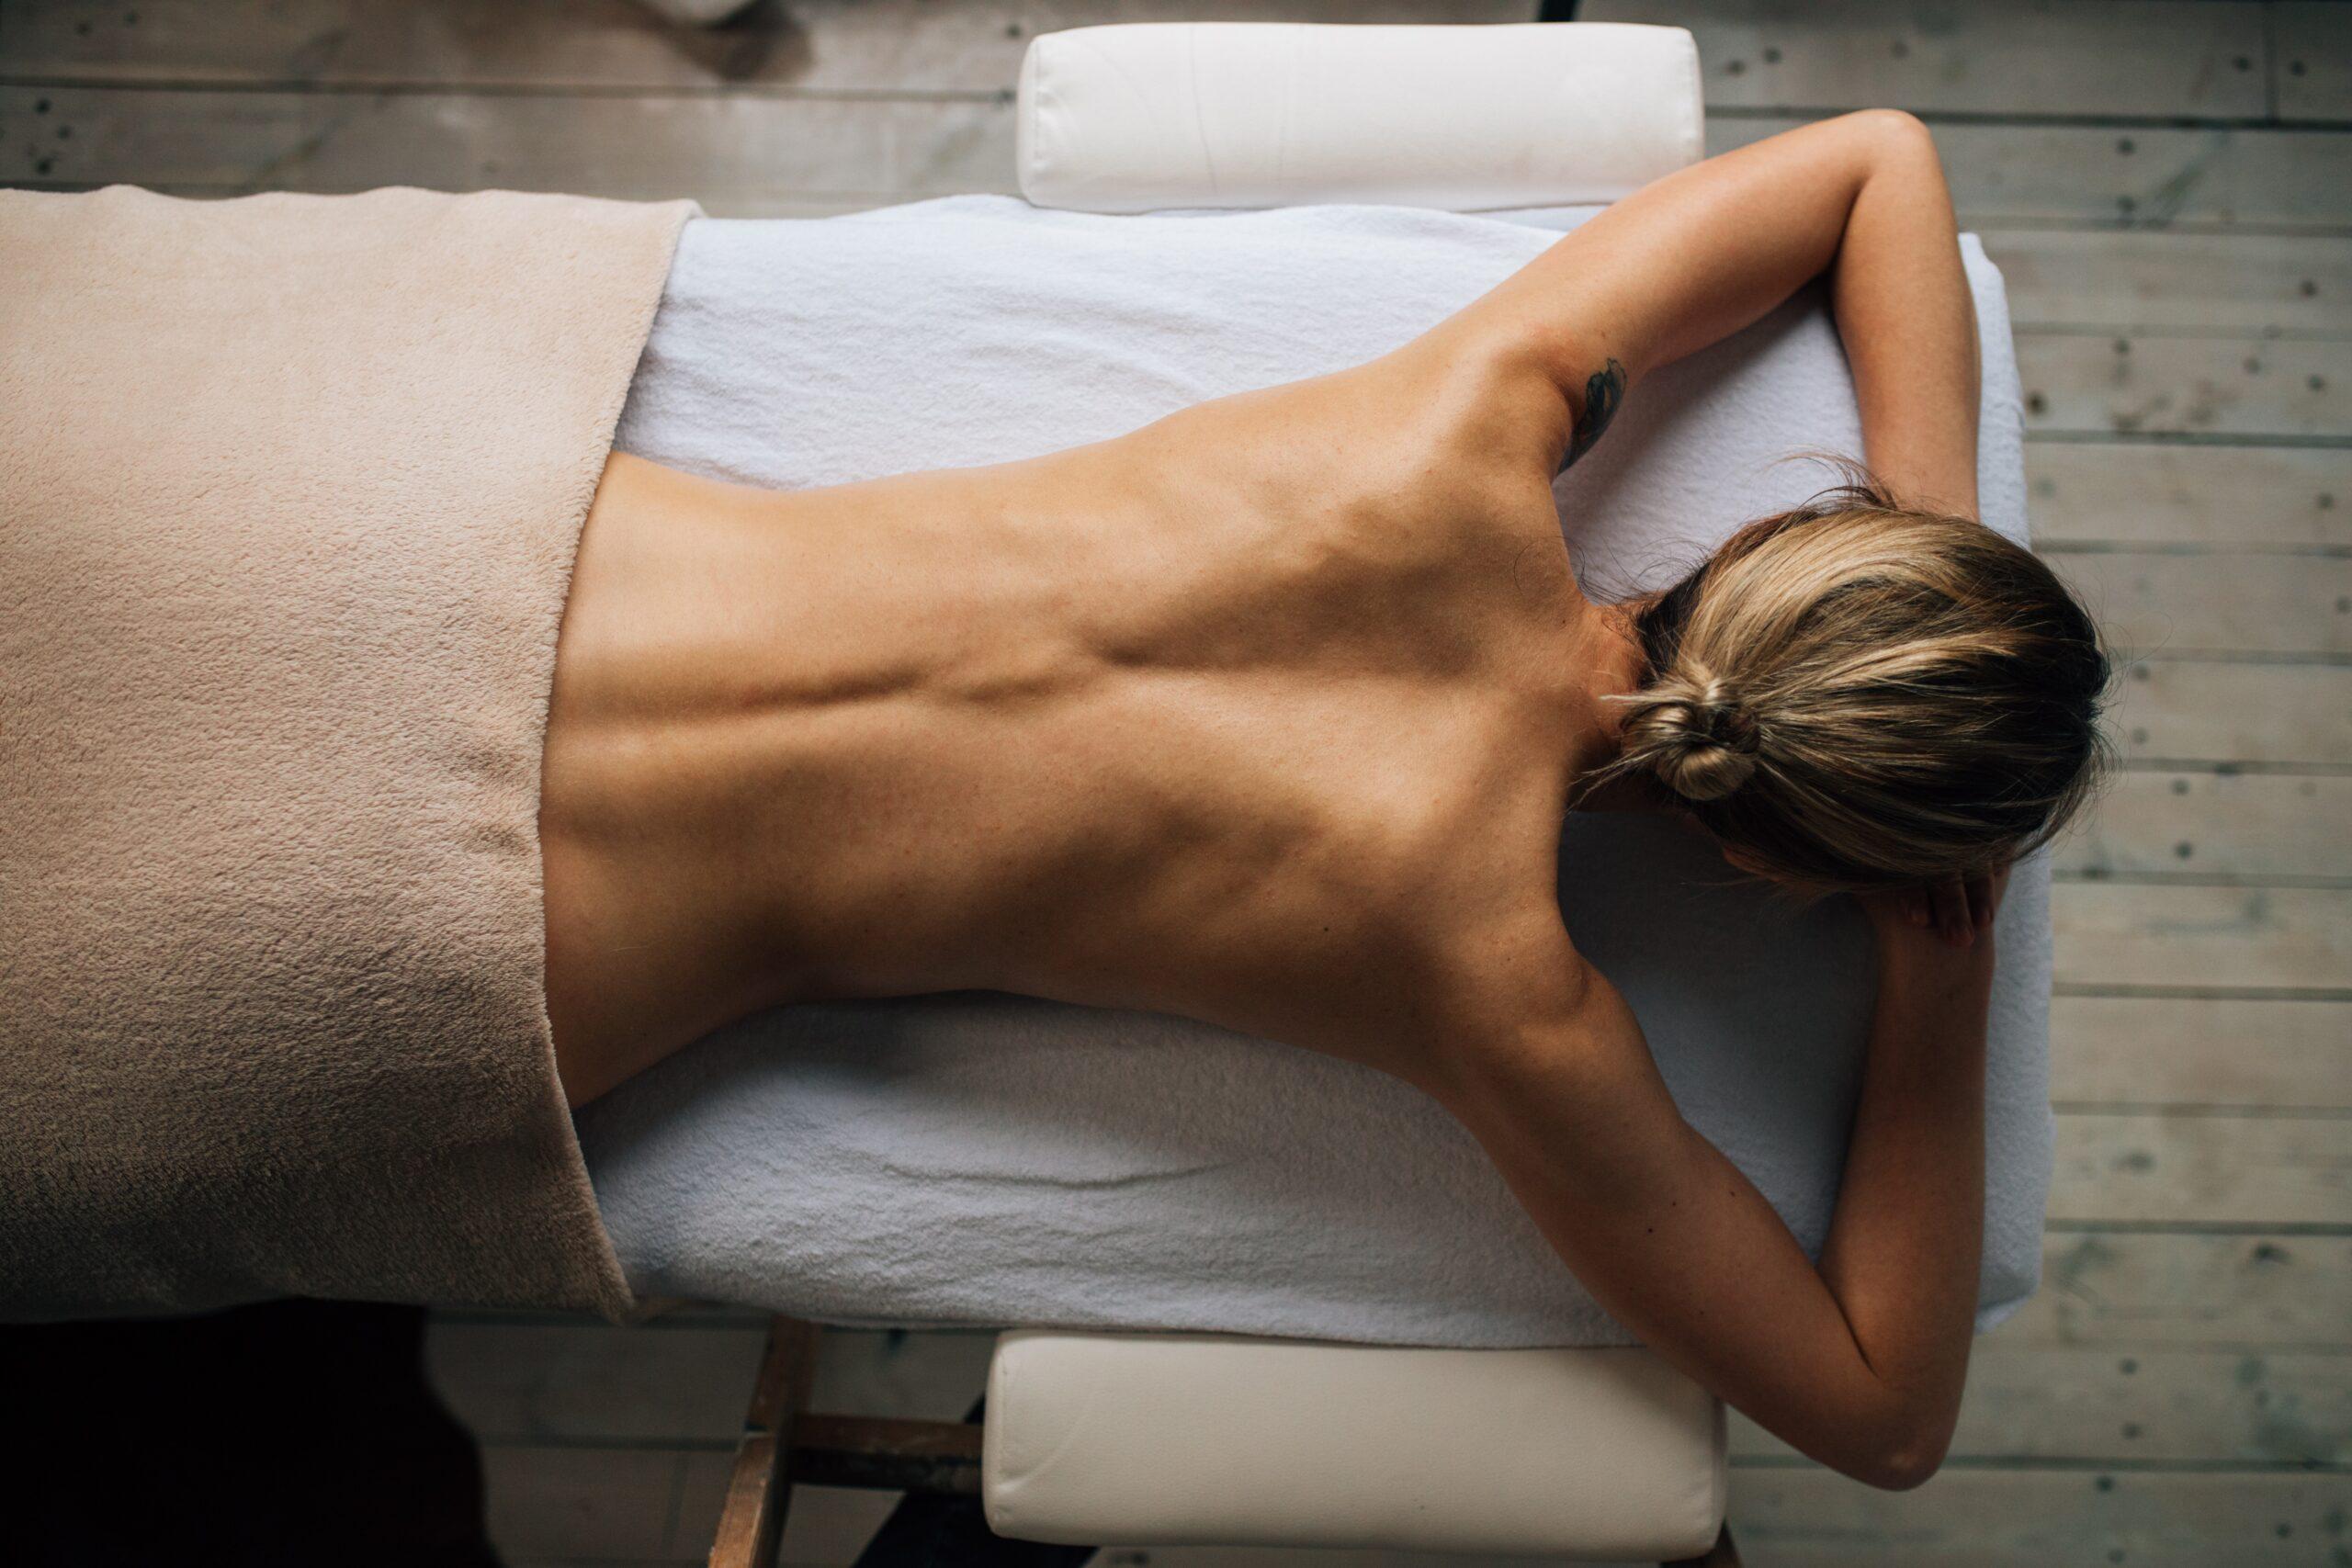 アロママッサージを受けている女性の画像